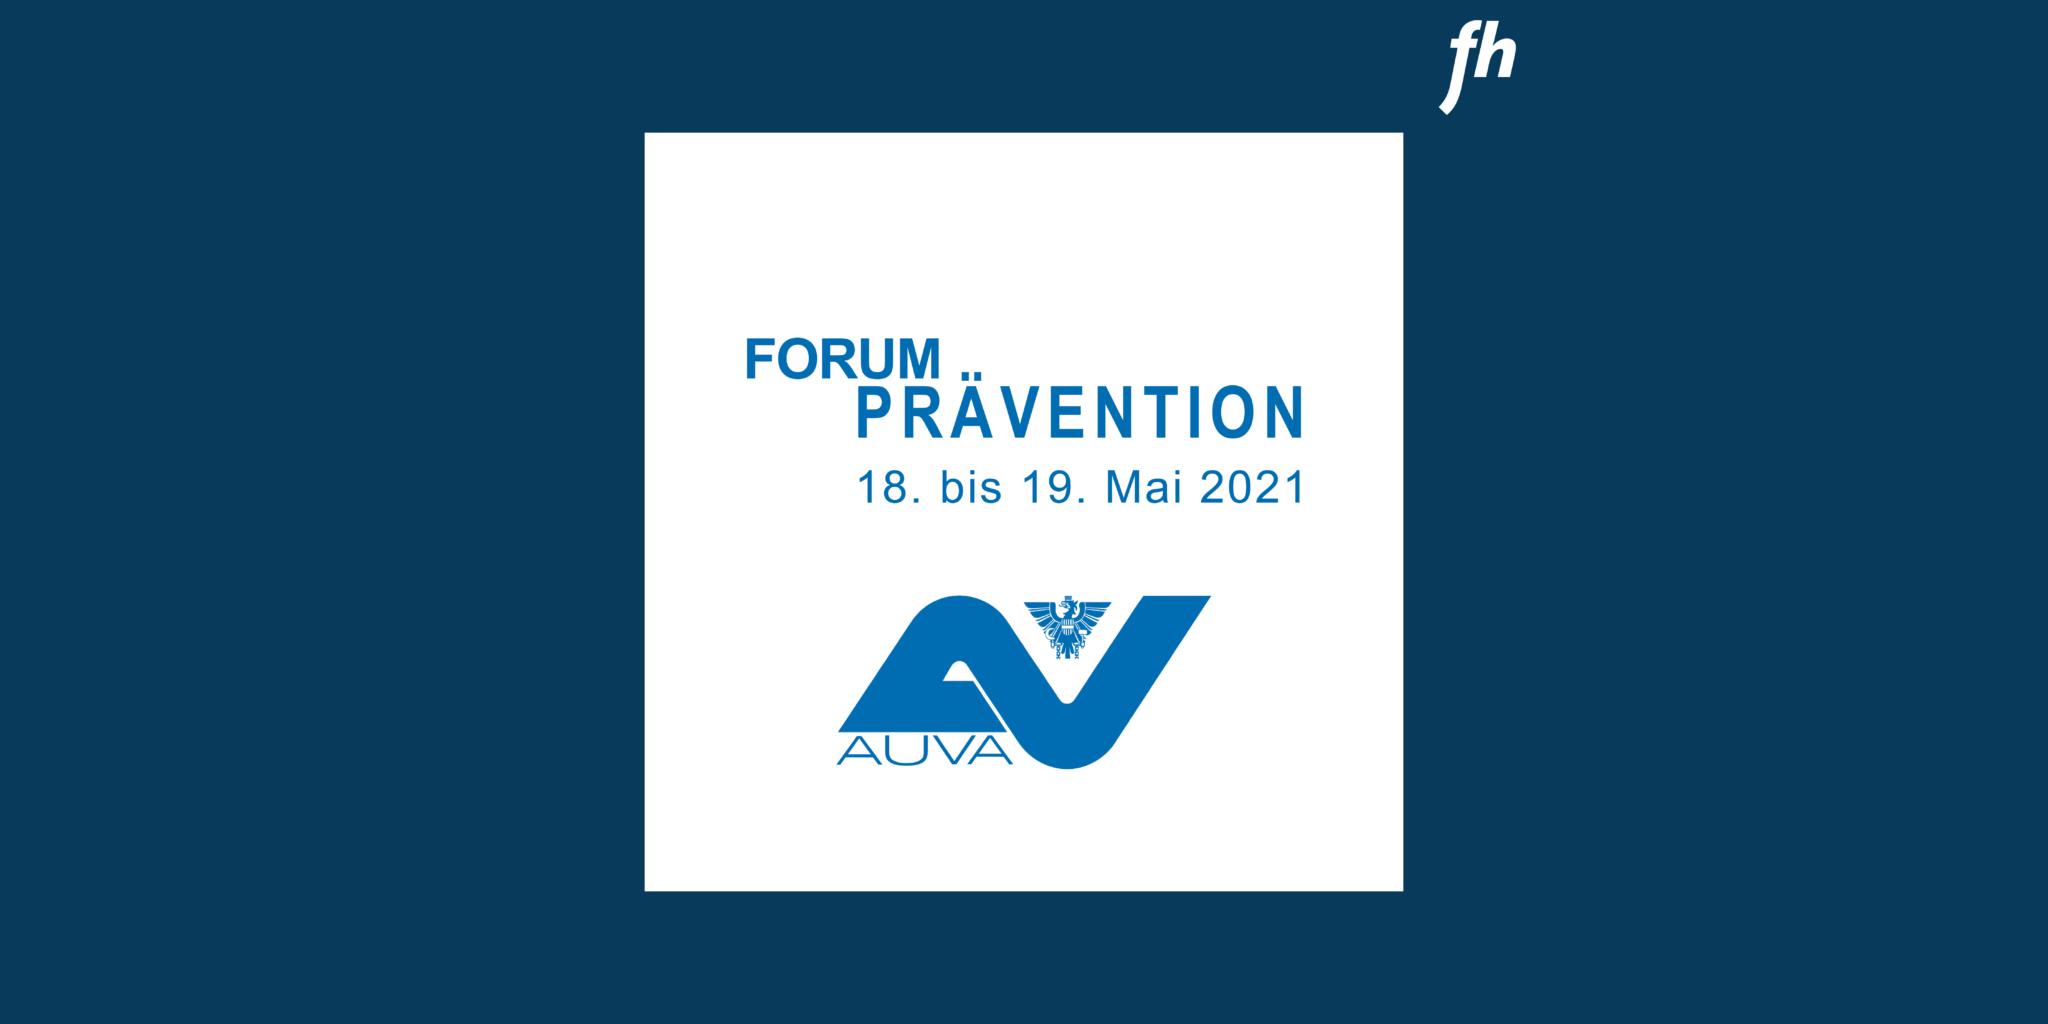 Ankündigung des Forum Prävention der AUVA am 18. und 19. Mai 2021